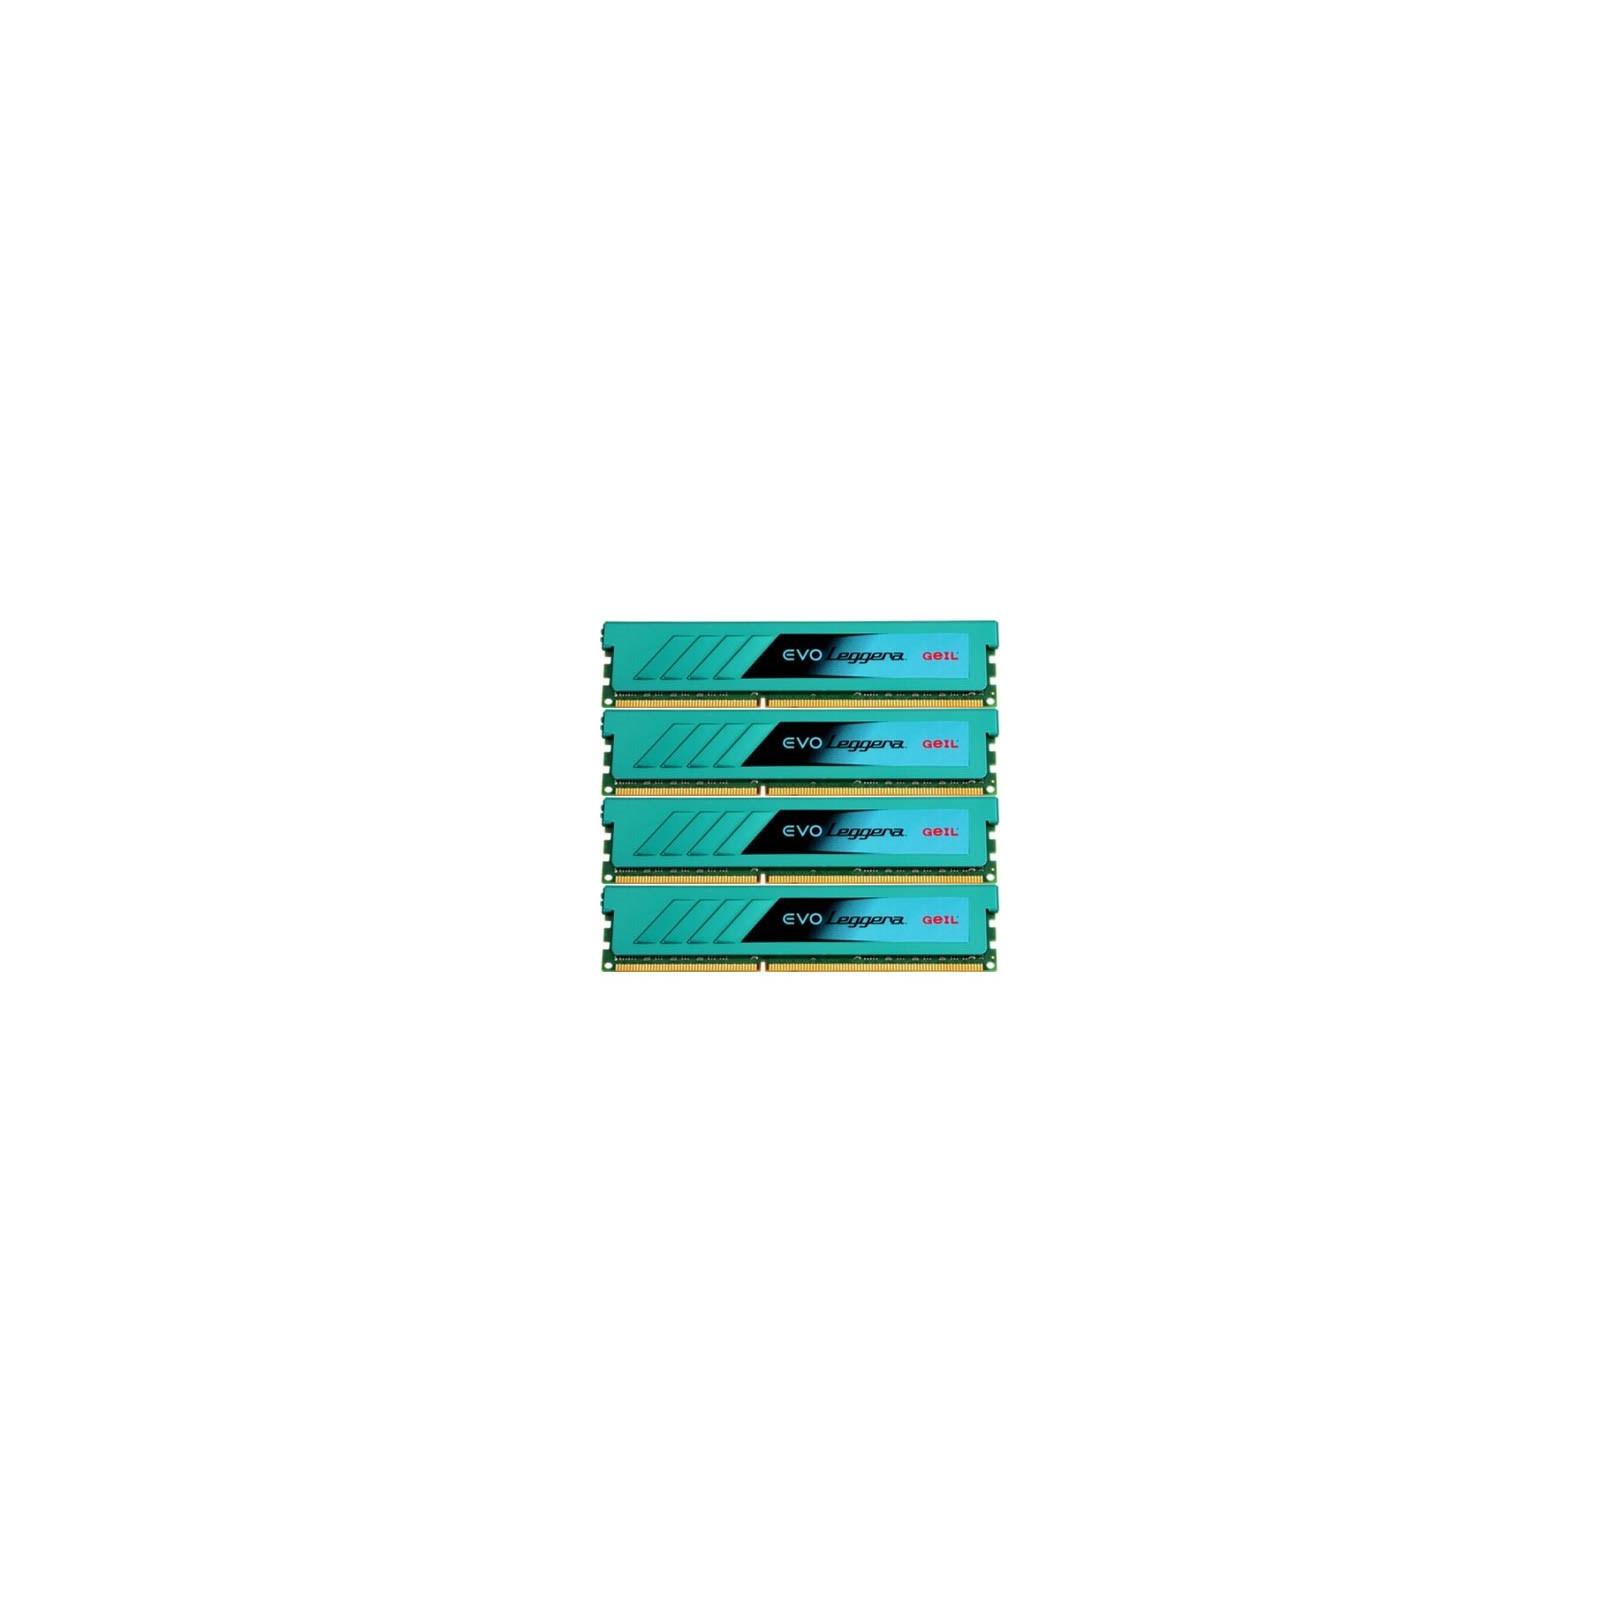 Модуль памяти для компьютера DDR3 32GB (4x8GB) 1866 MHz GEIL (GEL332GB1866C10QC)